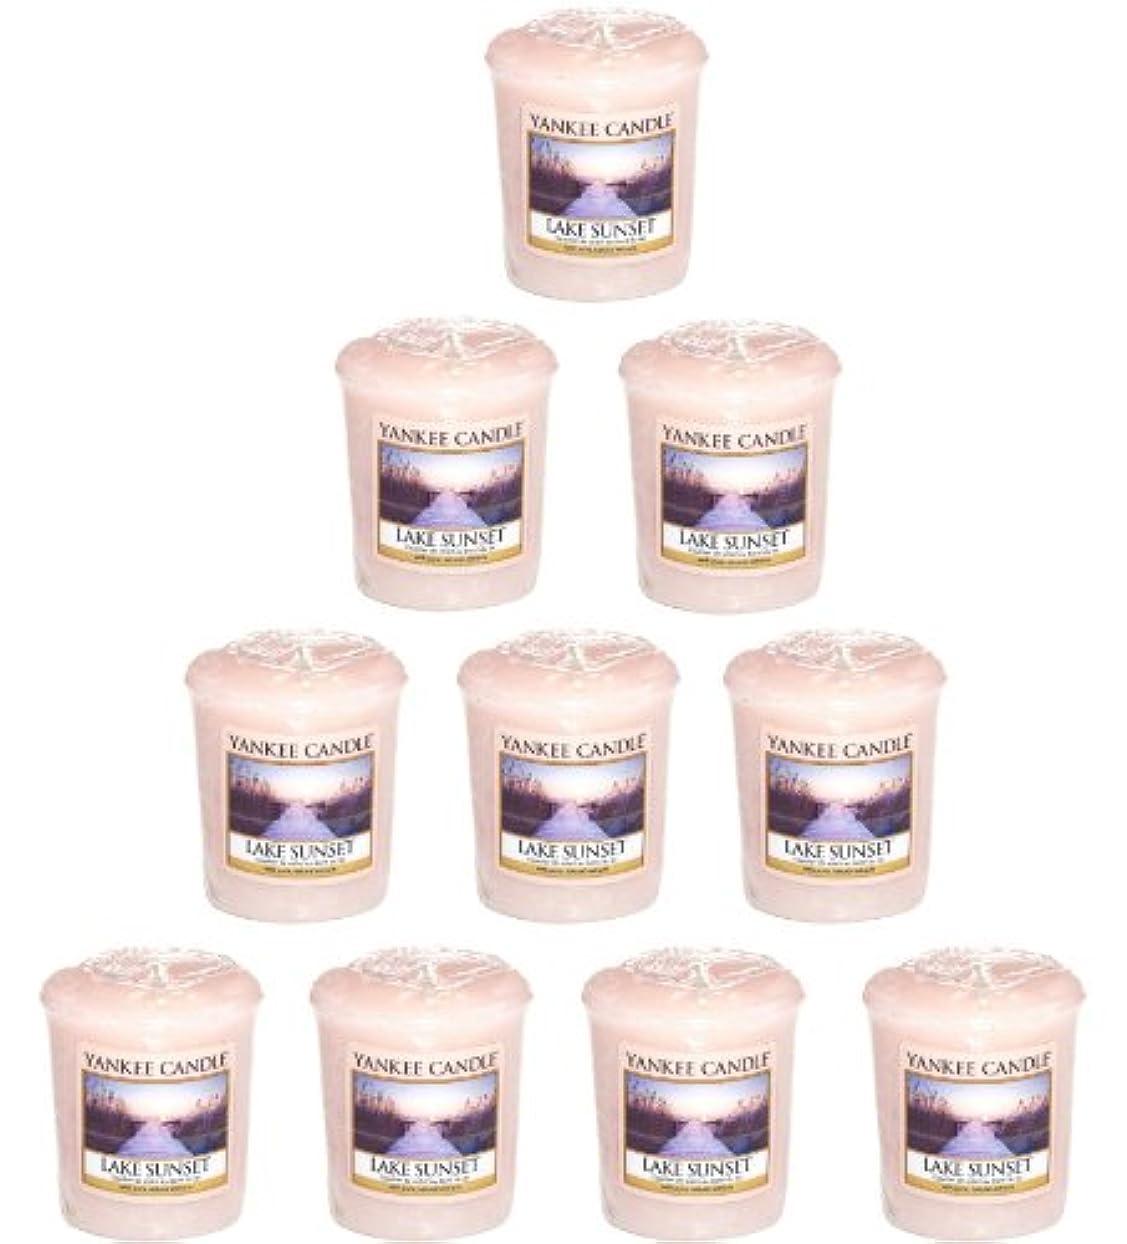 バター打ち上げる一杯Yankee Candle – 10 x湖サンセットVotive Samplers – 新しい香りfor 2013 。